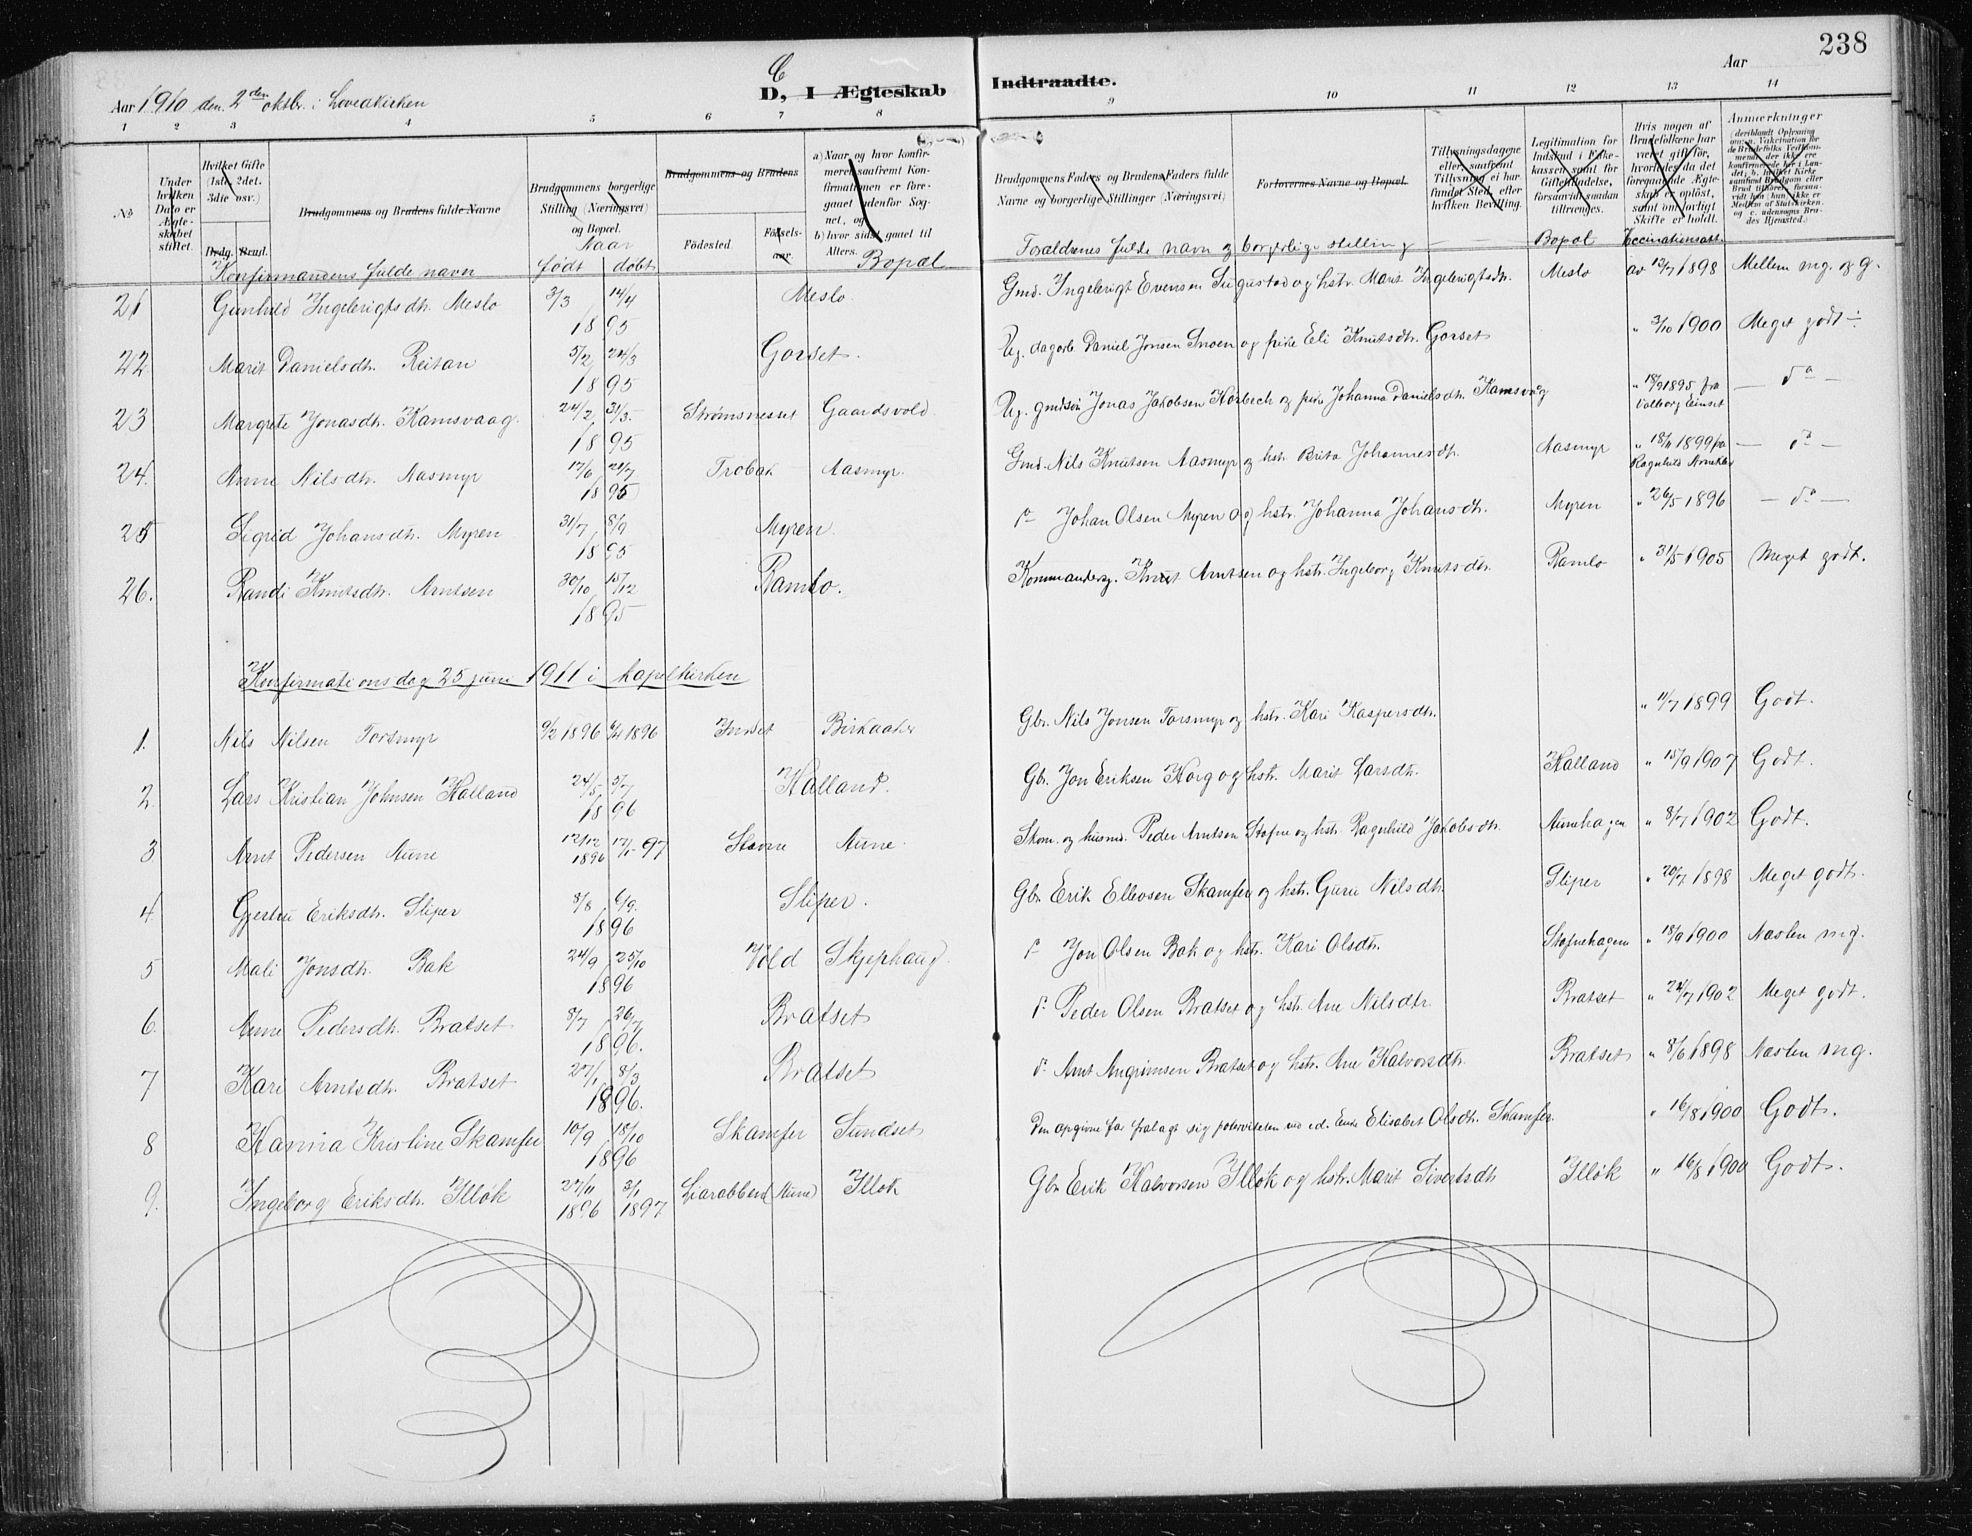 SAT, Ministerialprotokoller, klokkerbøker og fødselsregistre - Sør-Trøndelag, 674/L0876: Klokkerbok nr. 674C03, 1892-1912, s. 238